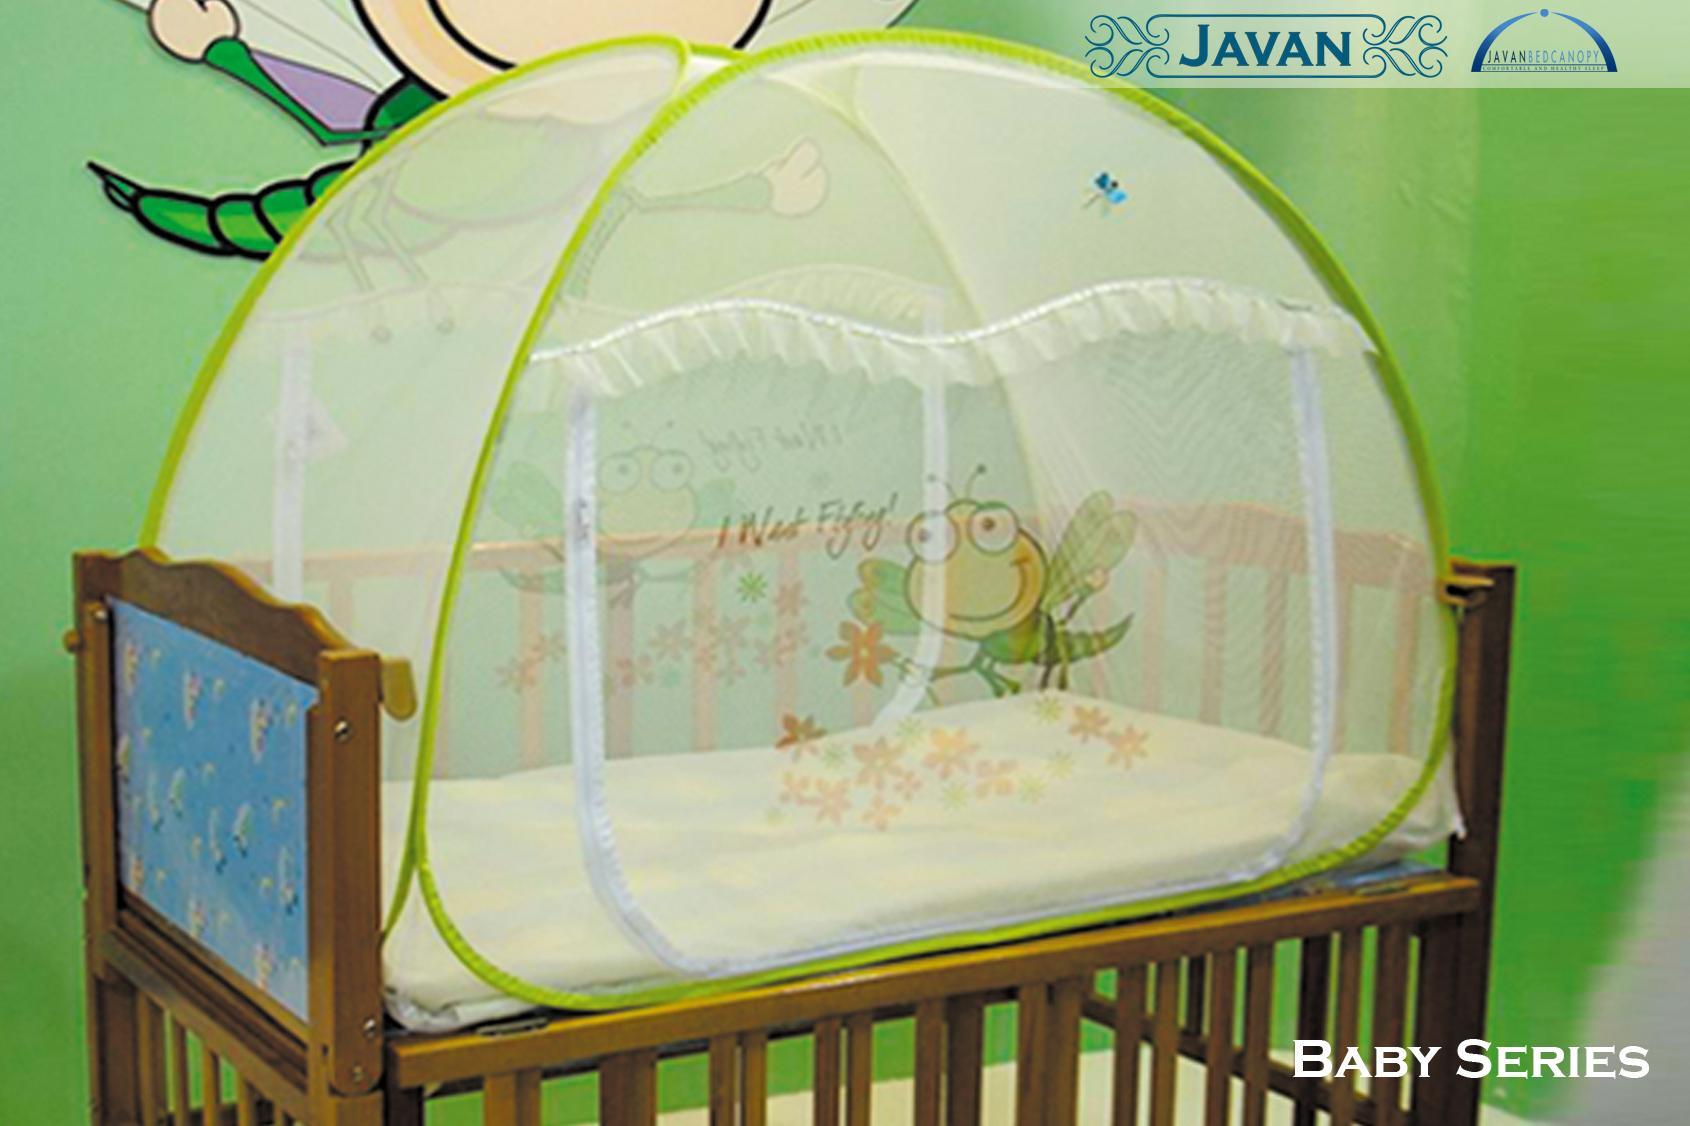 - Baby-series-design Javan Bedcanopy - Javan Bedshield Back